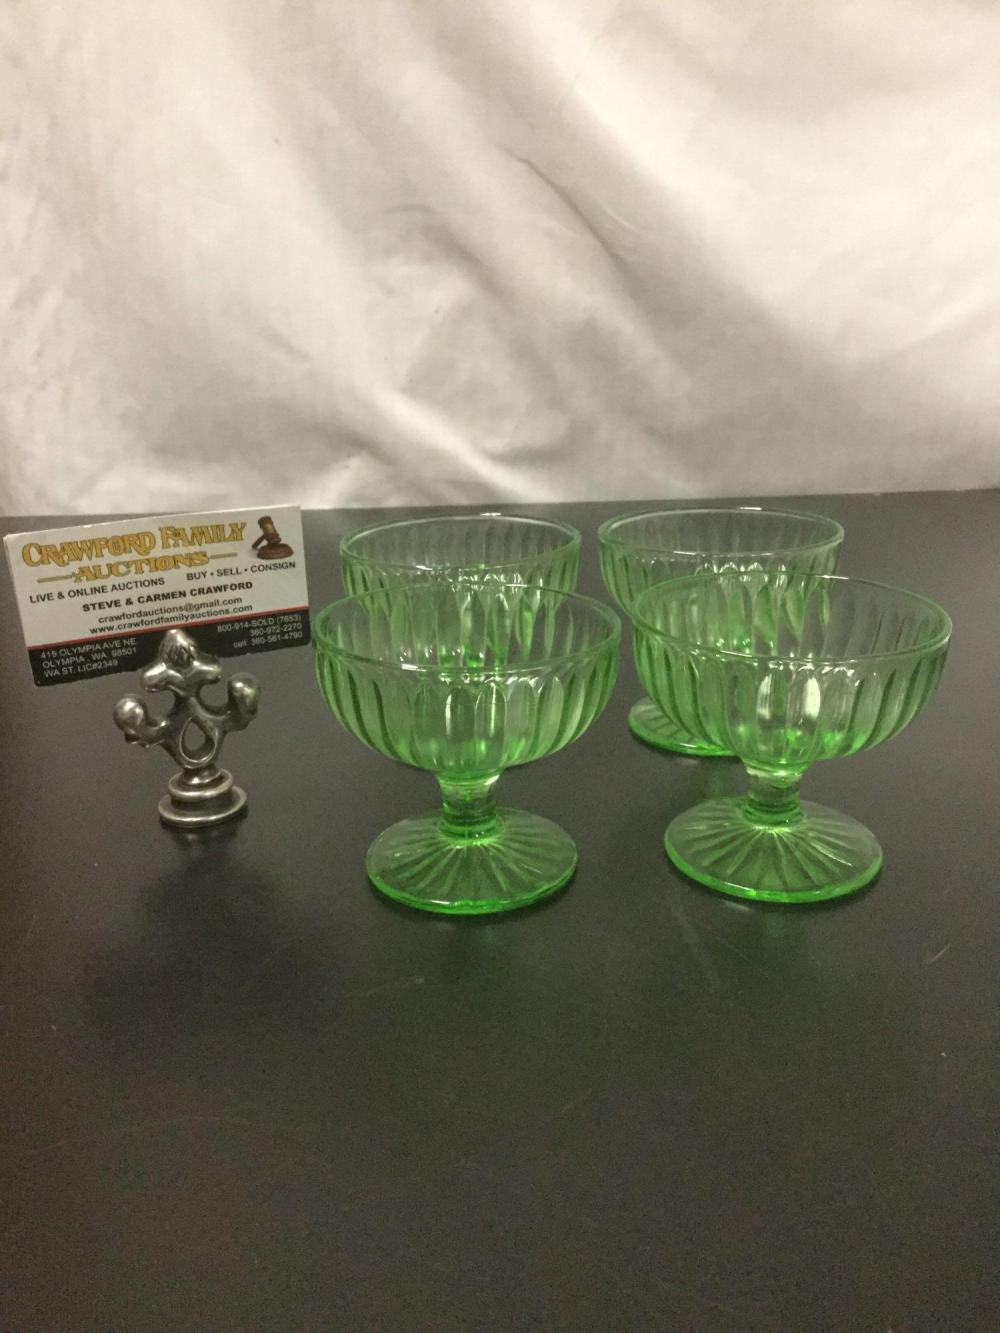 Lot 16: 4pc set of vintage Vaseline glass footed sherbet glasses